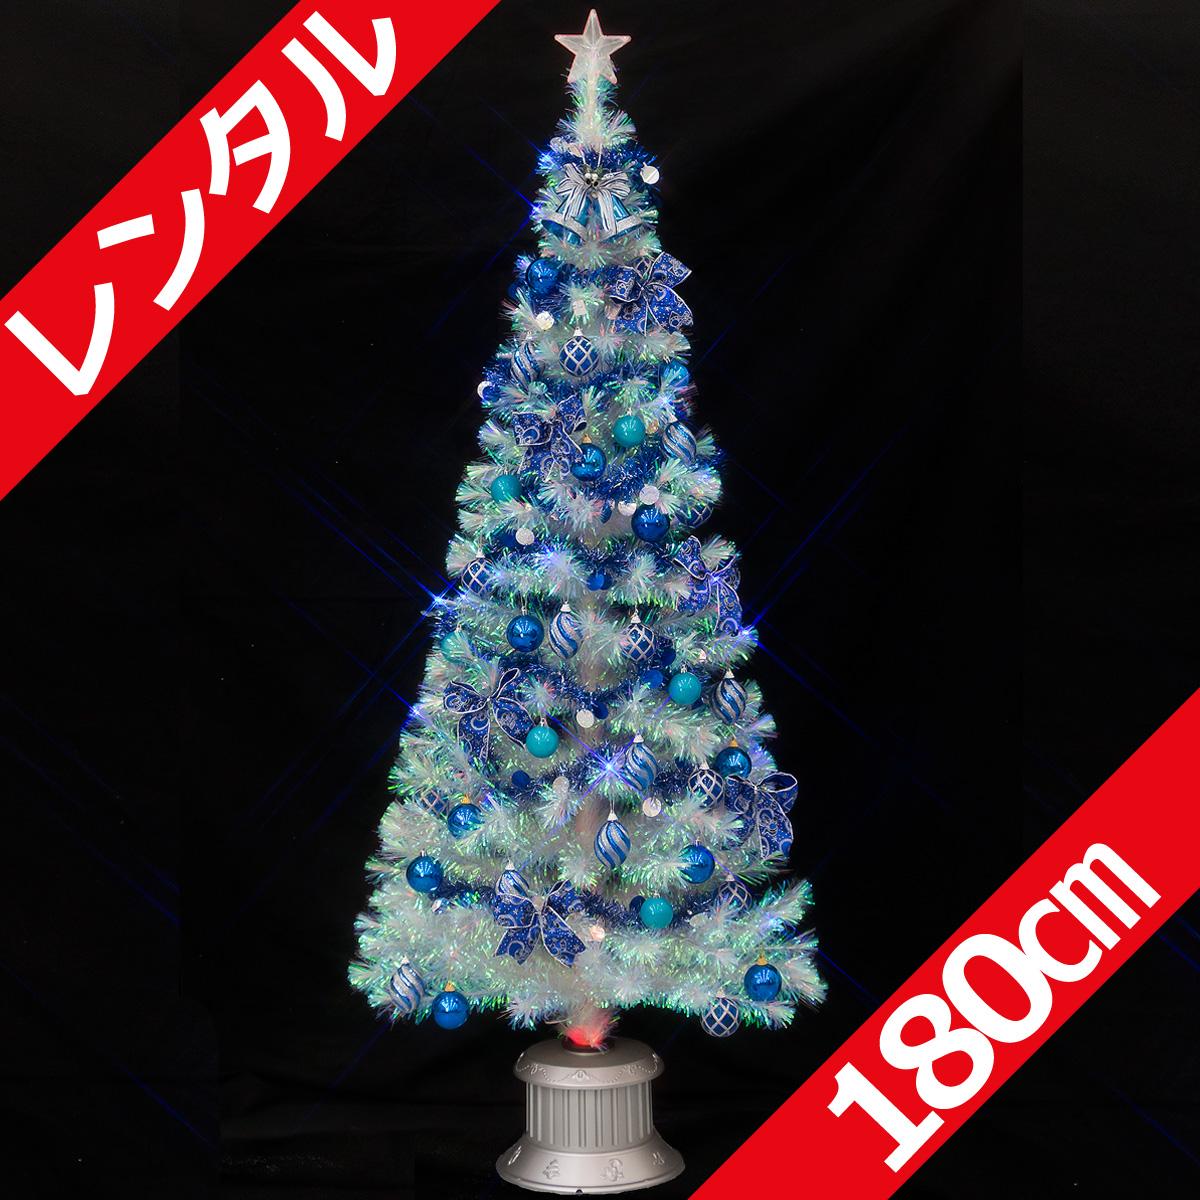 【レンタル】 クリスマスツリー セット 180cm クリア ファイバー ブルー ツリー 【往復 送料無料】 クリスマスツリー レンタル fy16REN07